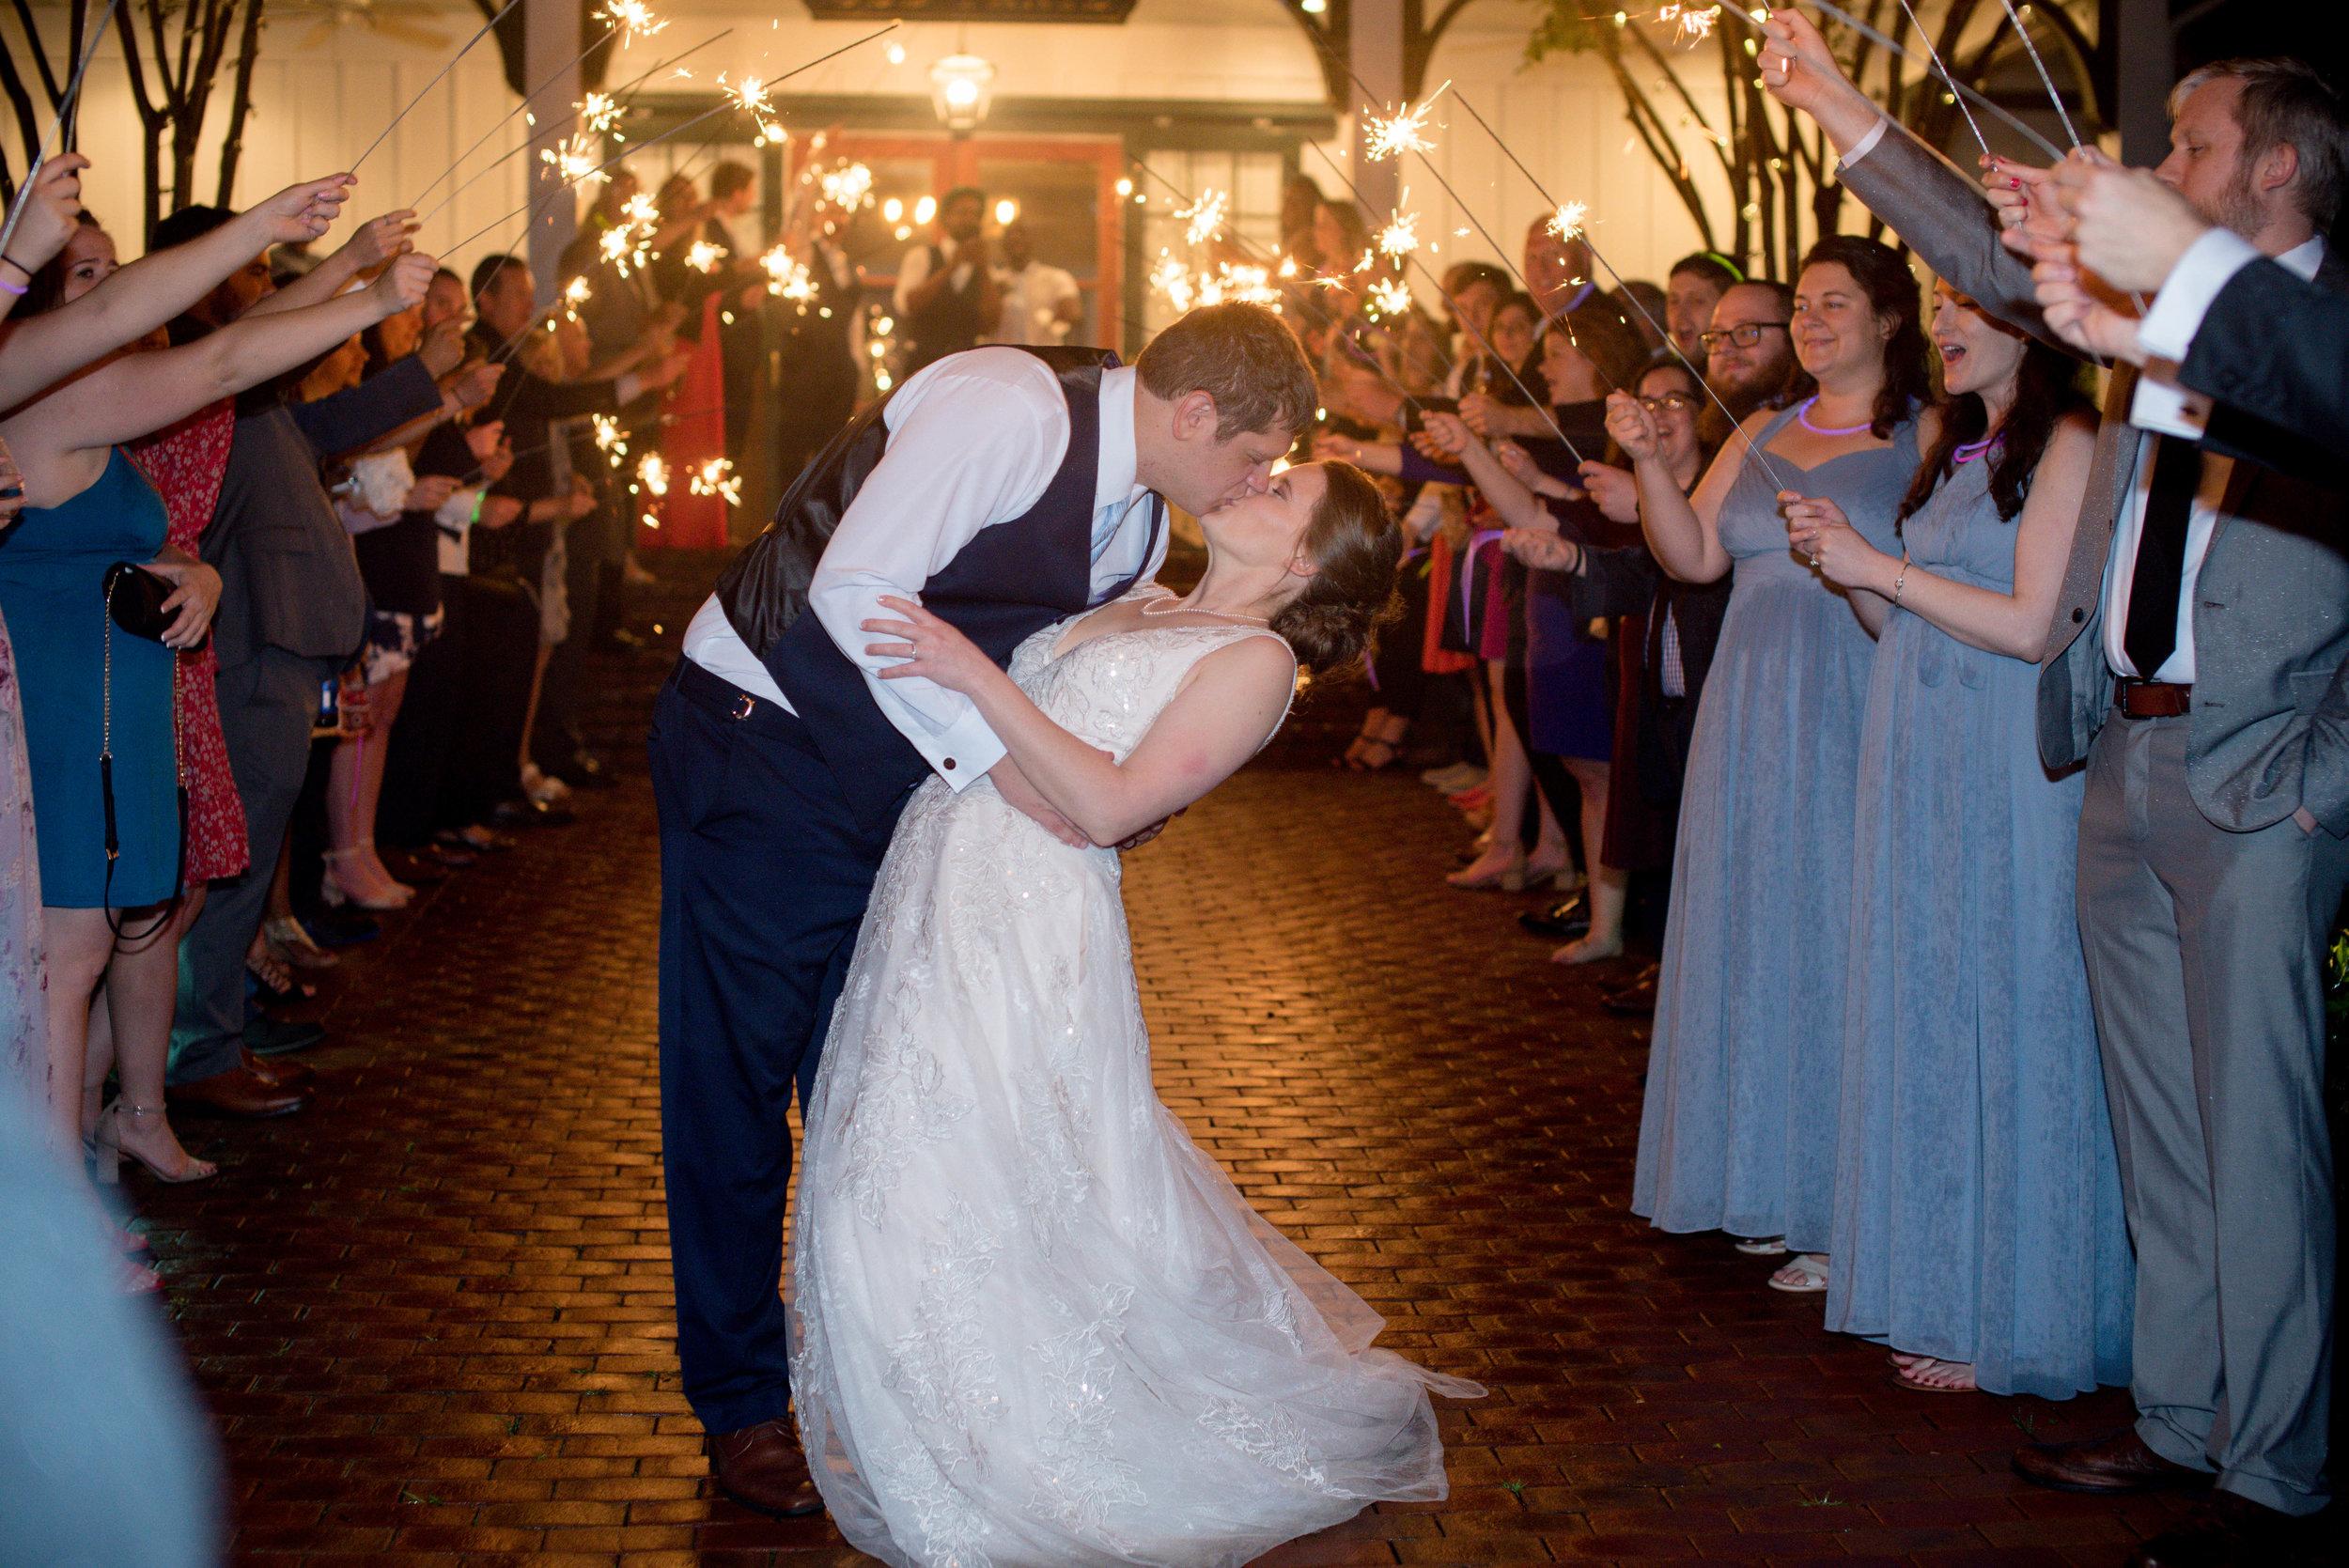 blue-ridge-wedding-ashley-nicole-photography-restoration-hall-crozetphotography-restorationhall-charlottesville-wedding_reception-148.jpg